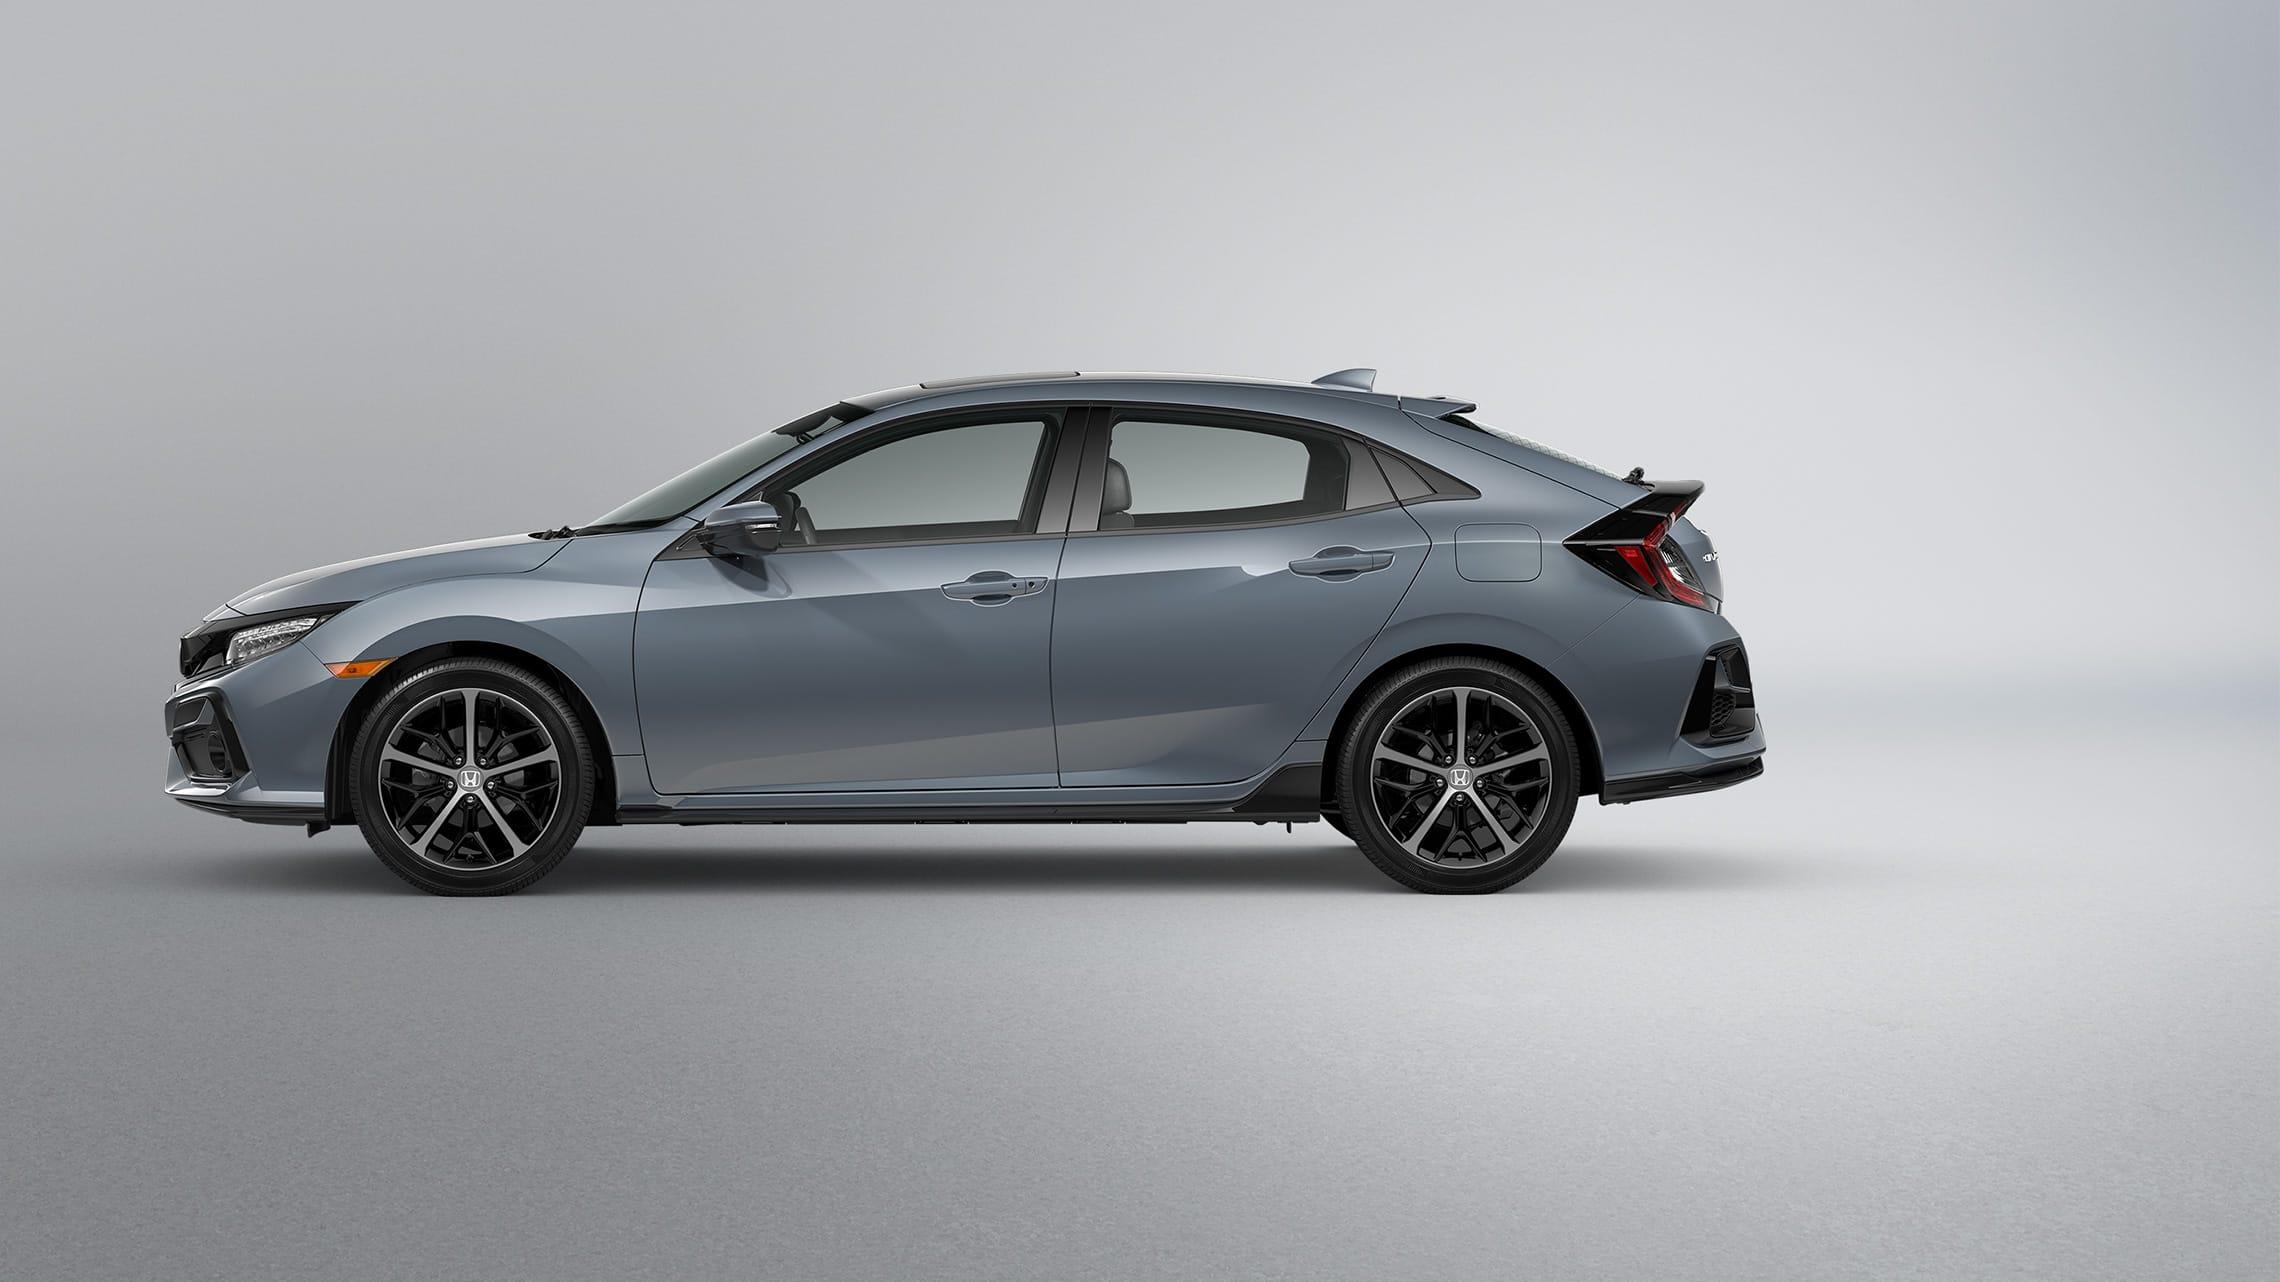 Vista de perfil del lado del conductor del Honda Civic Sport Touring Hatchback2021 en Sonic Gray Pearl.